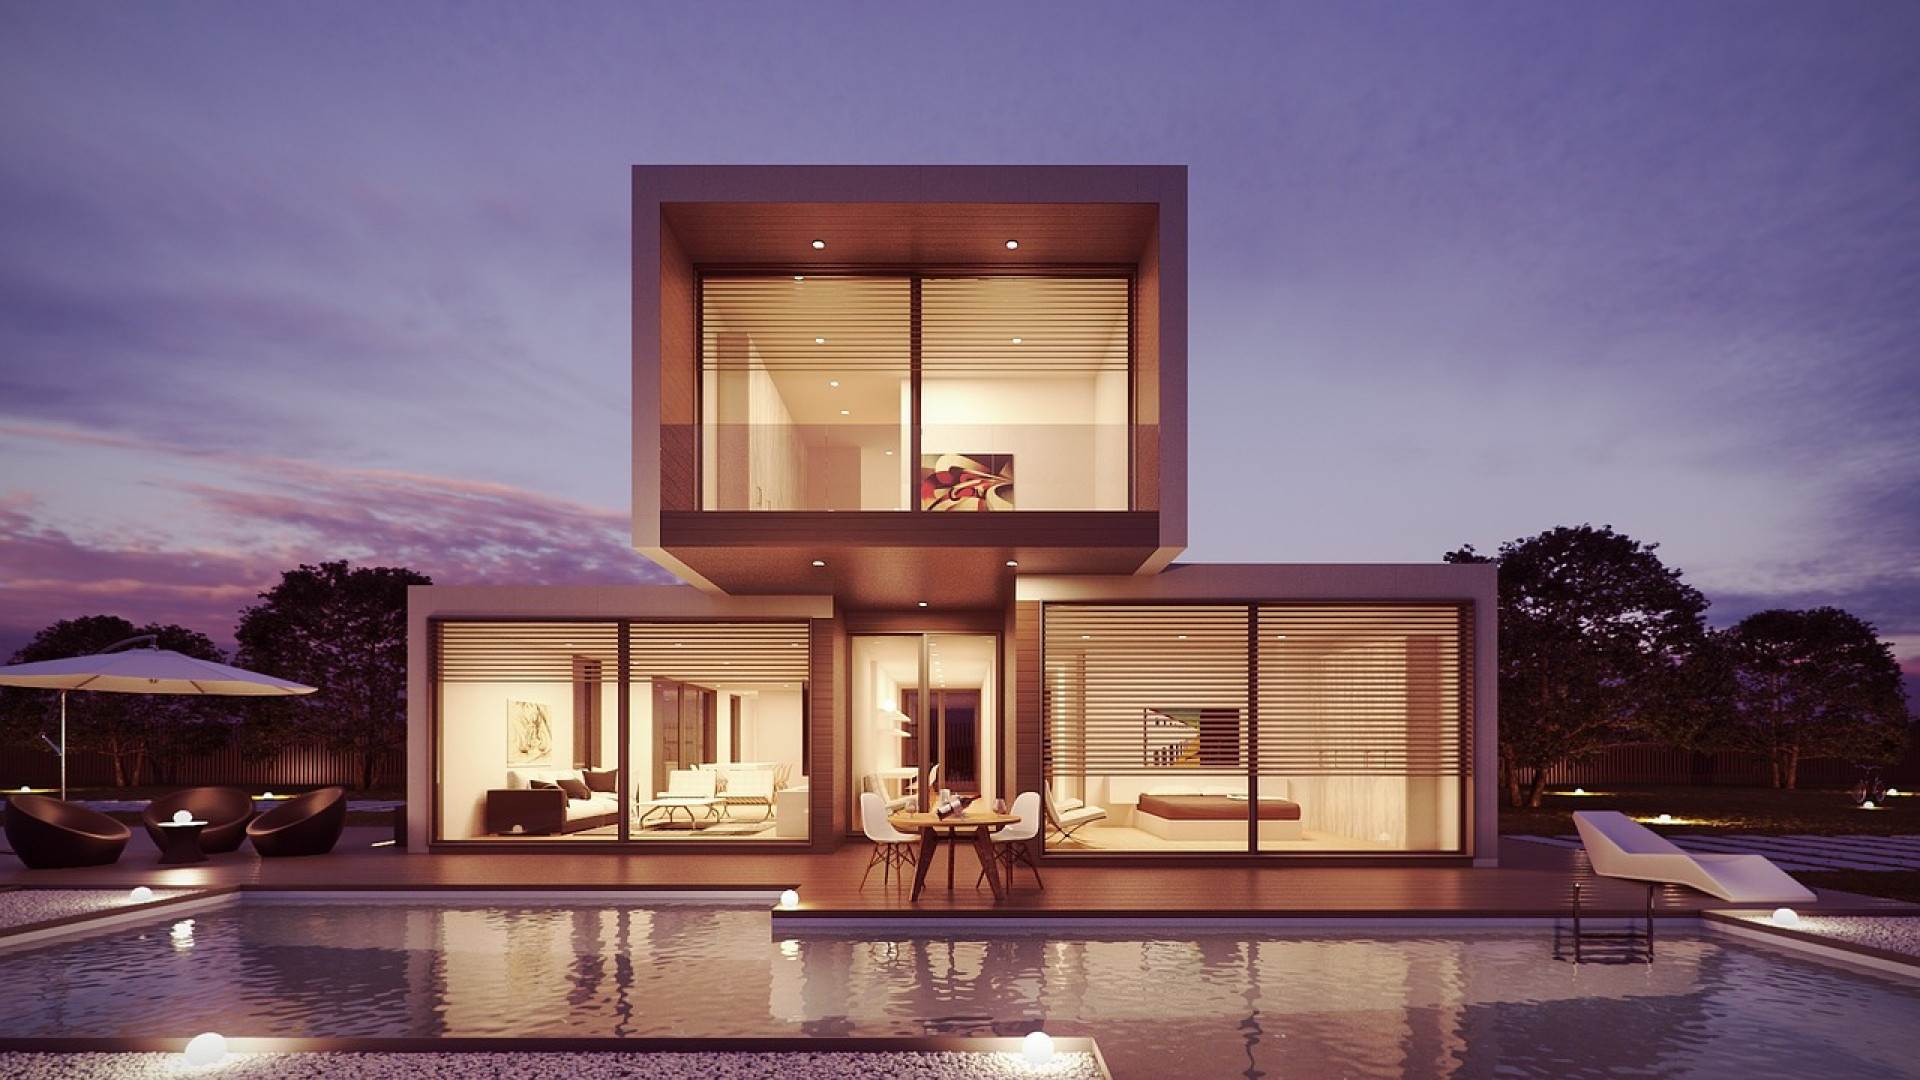 Les maisons d'aujourd'hui sont écologiques et donc, économiques